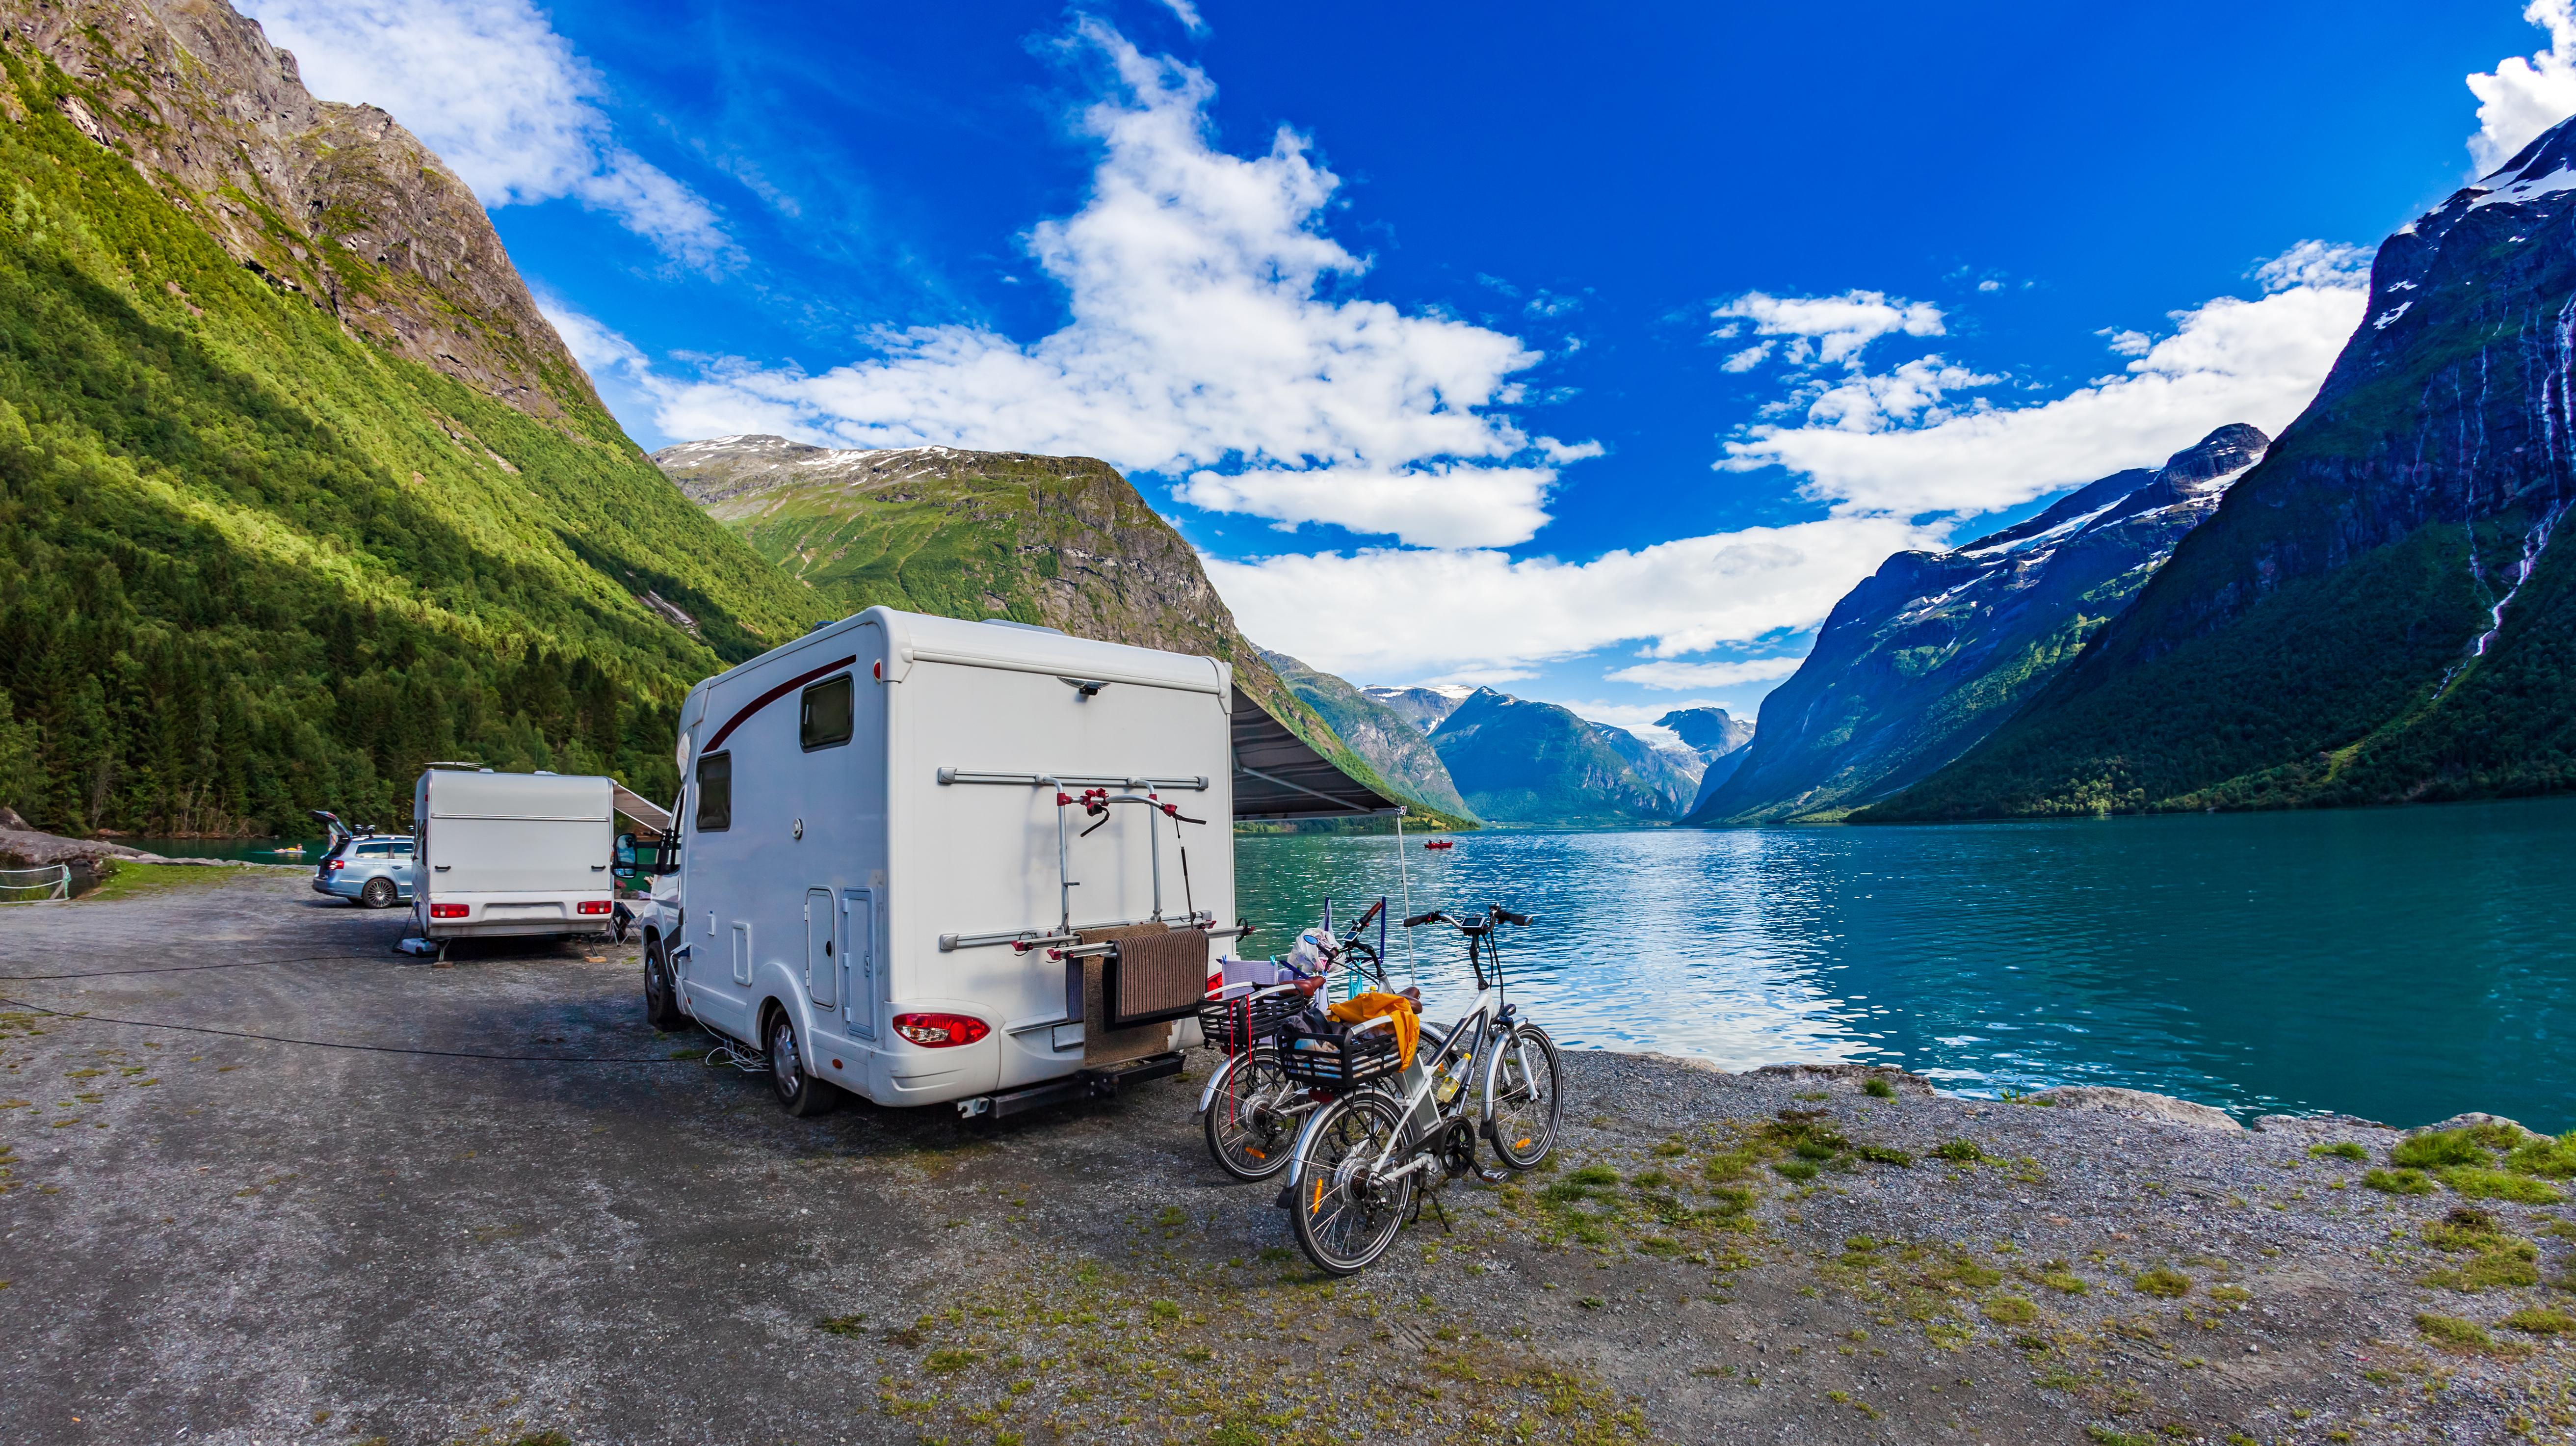 Camping i Norge   Vintercamping med bobil og campingvogn